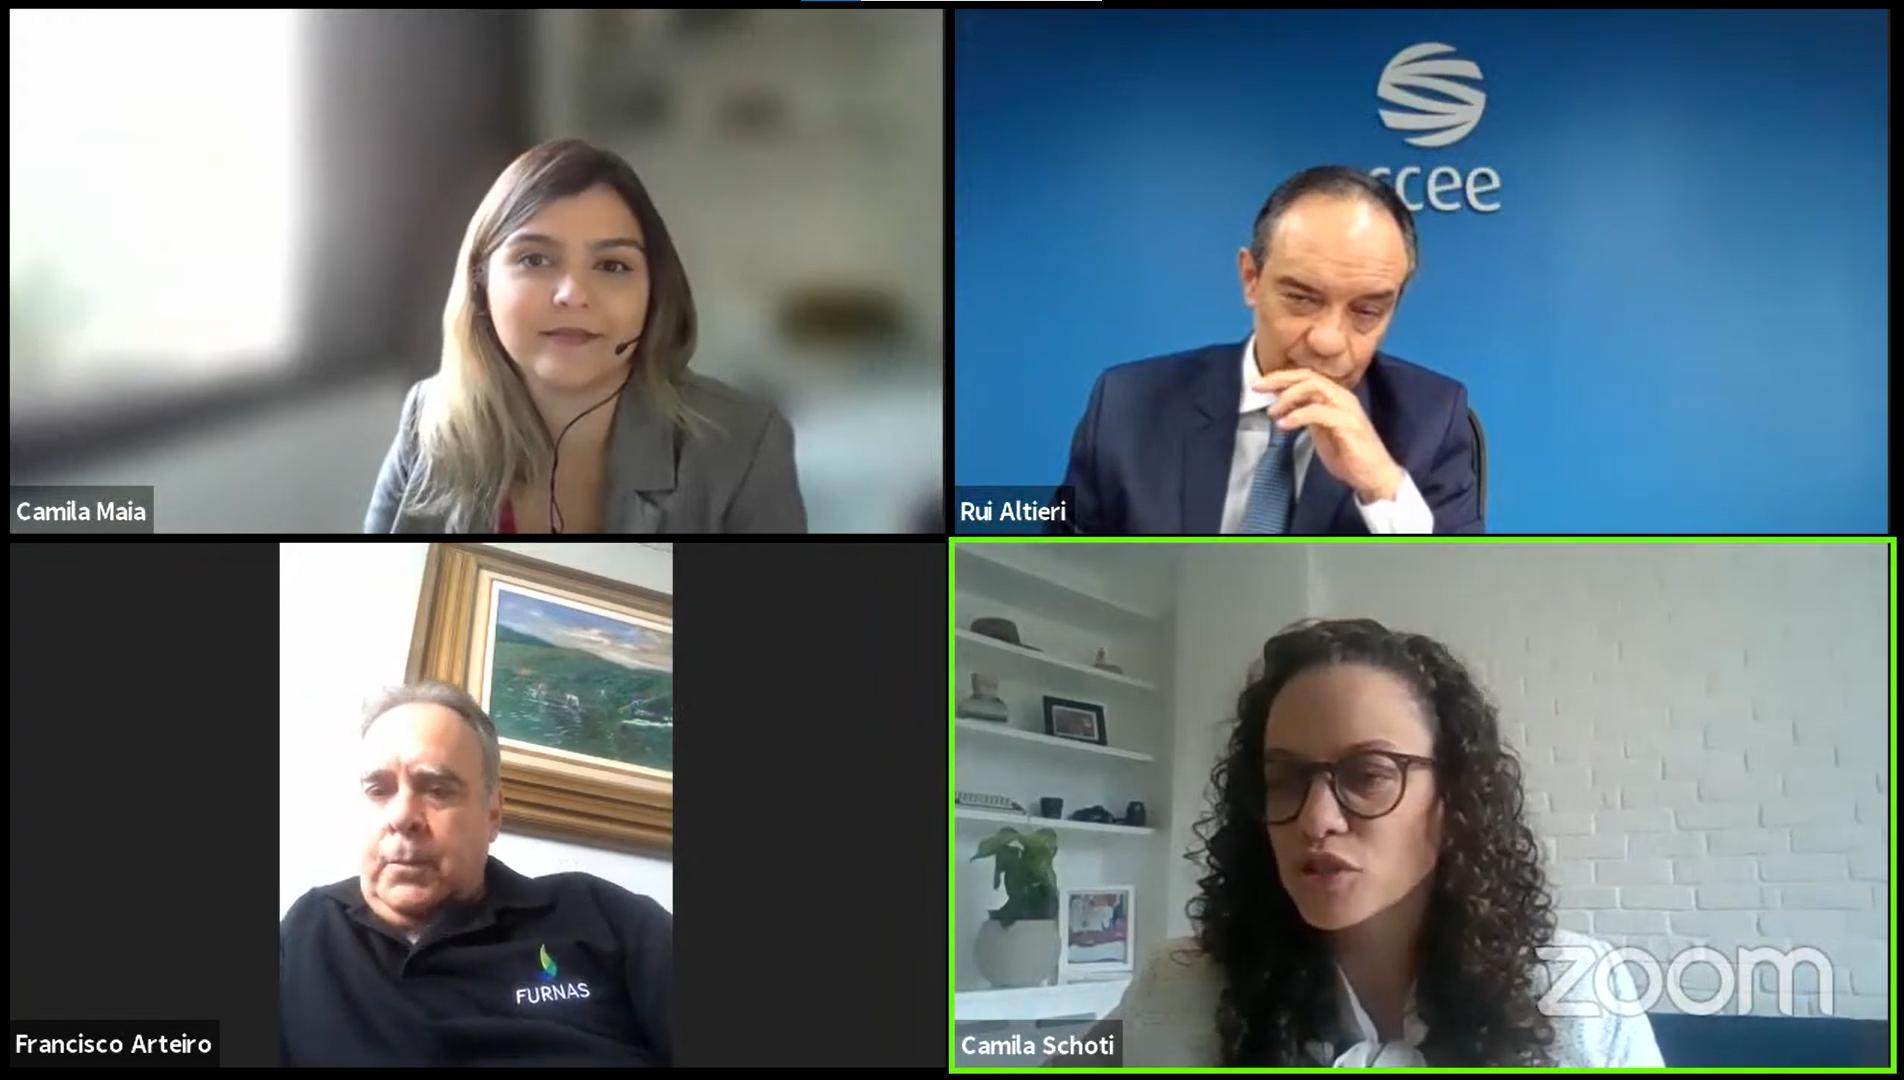 """""""Térmicas dão sustentação para todo o setor"""", afirma Rui Altieri da CCEE"""